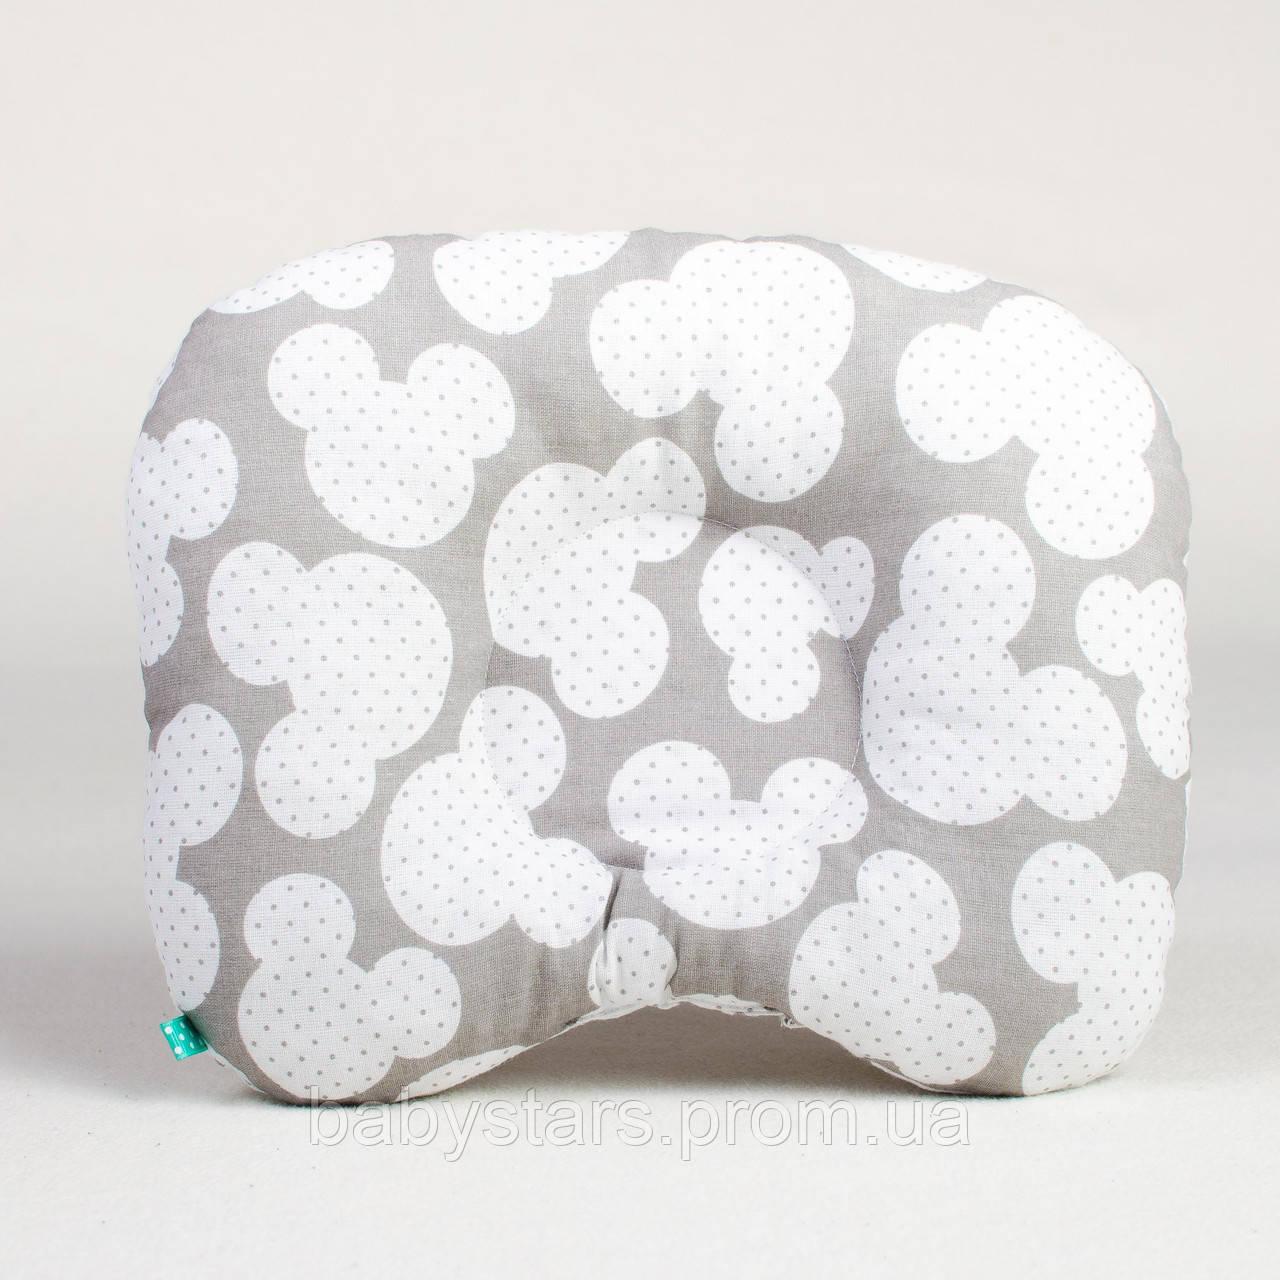 """Подушка бабочка для новорожденного 22х26 см, """"Микки"""" цвет серый"""